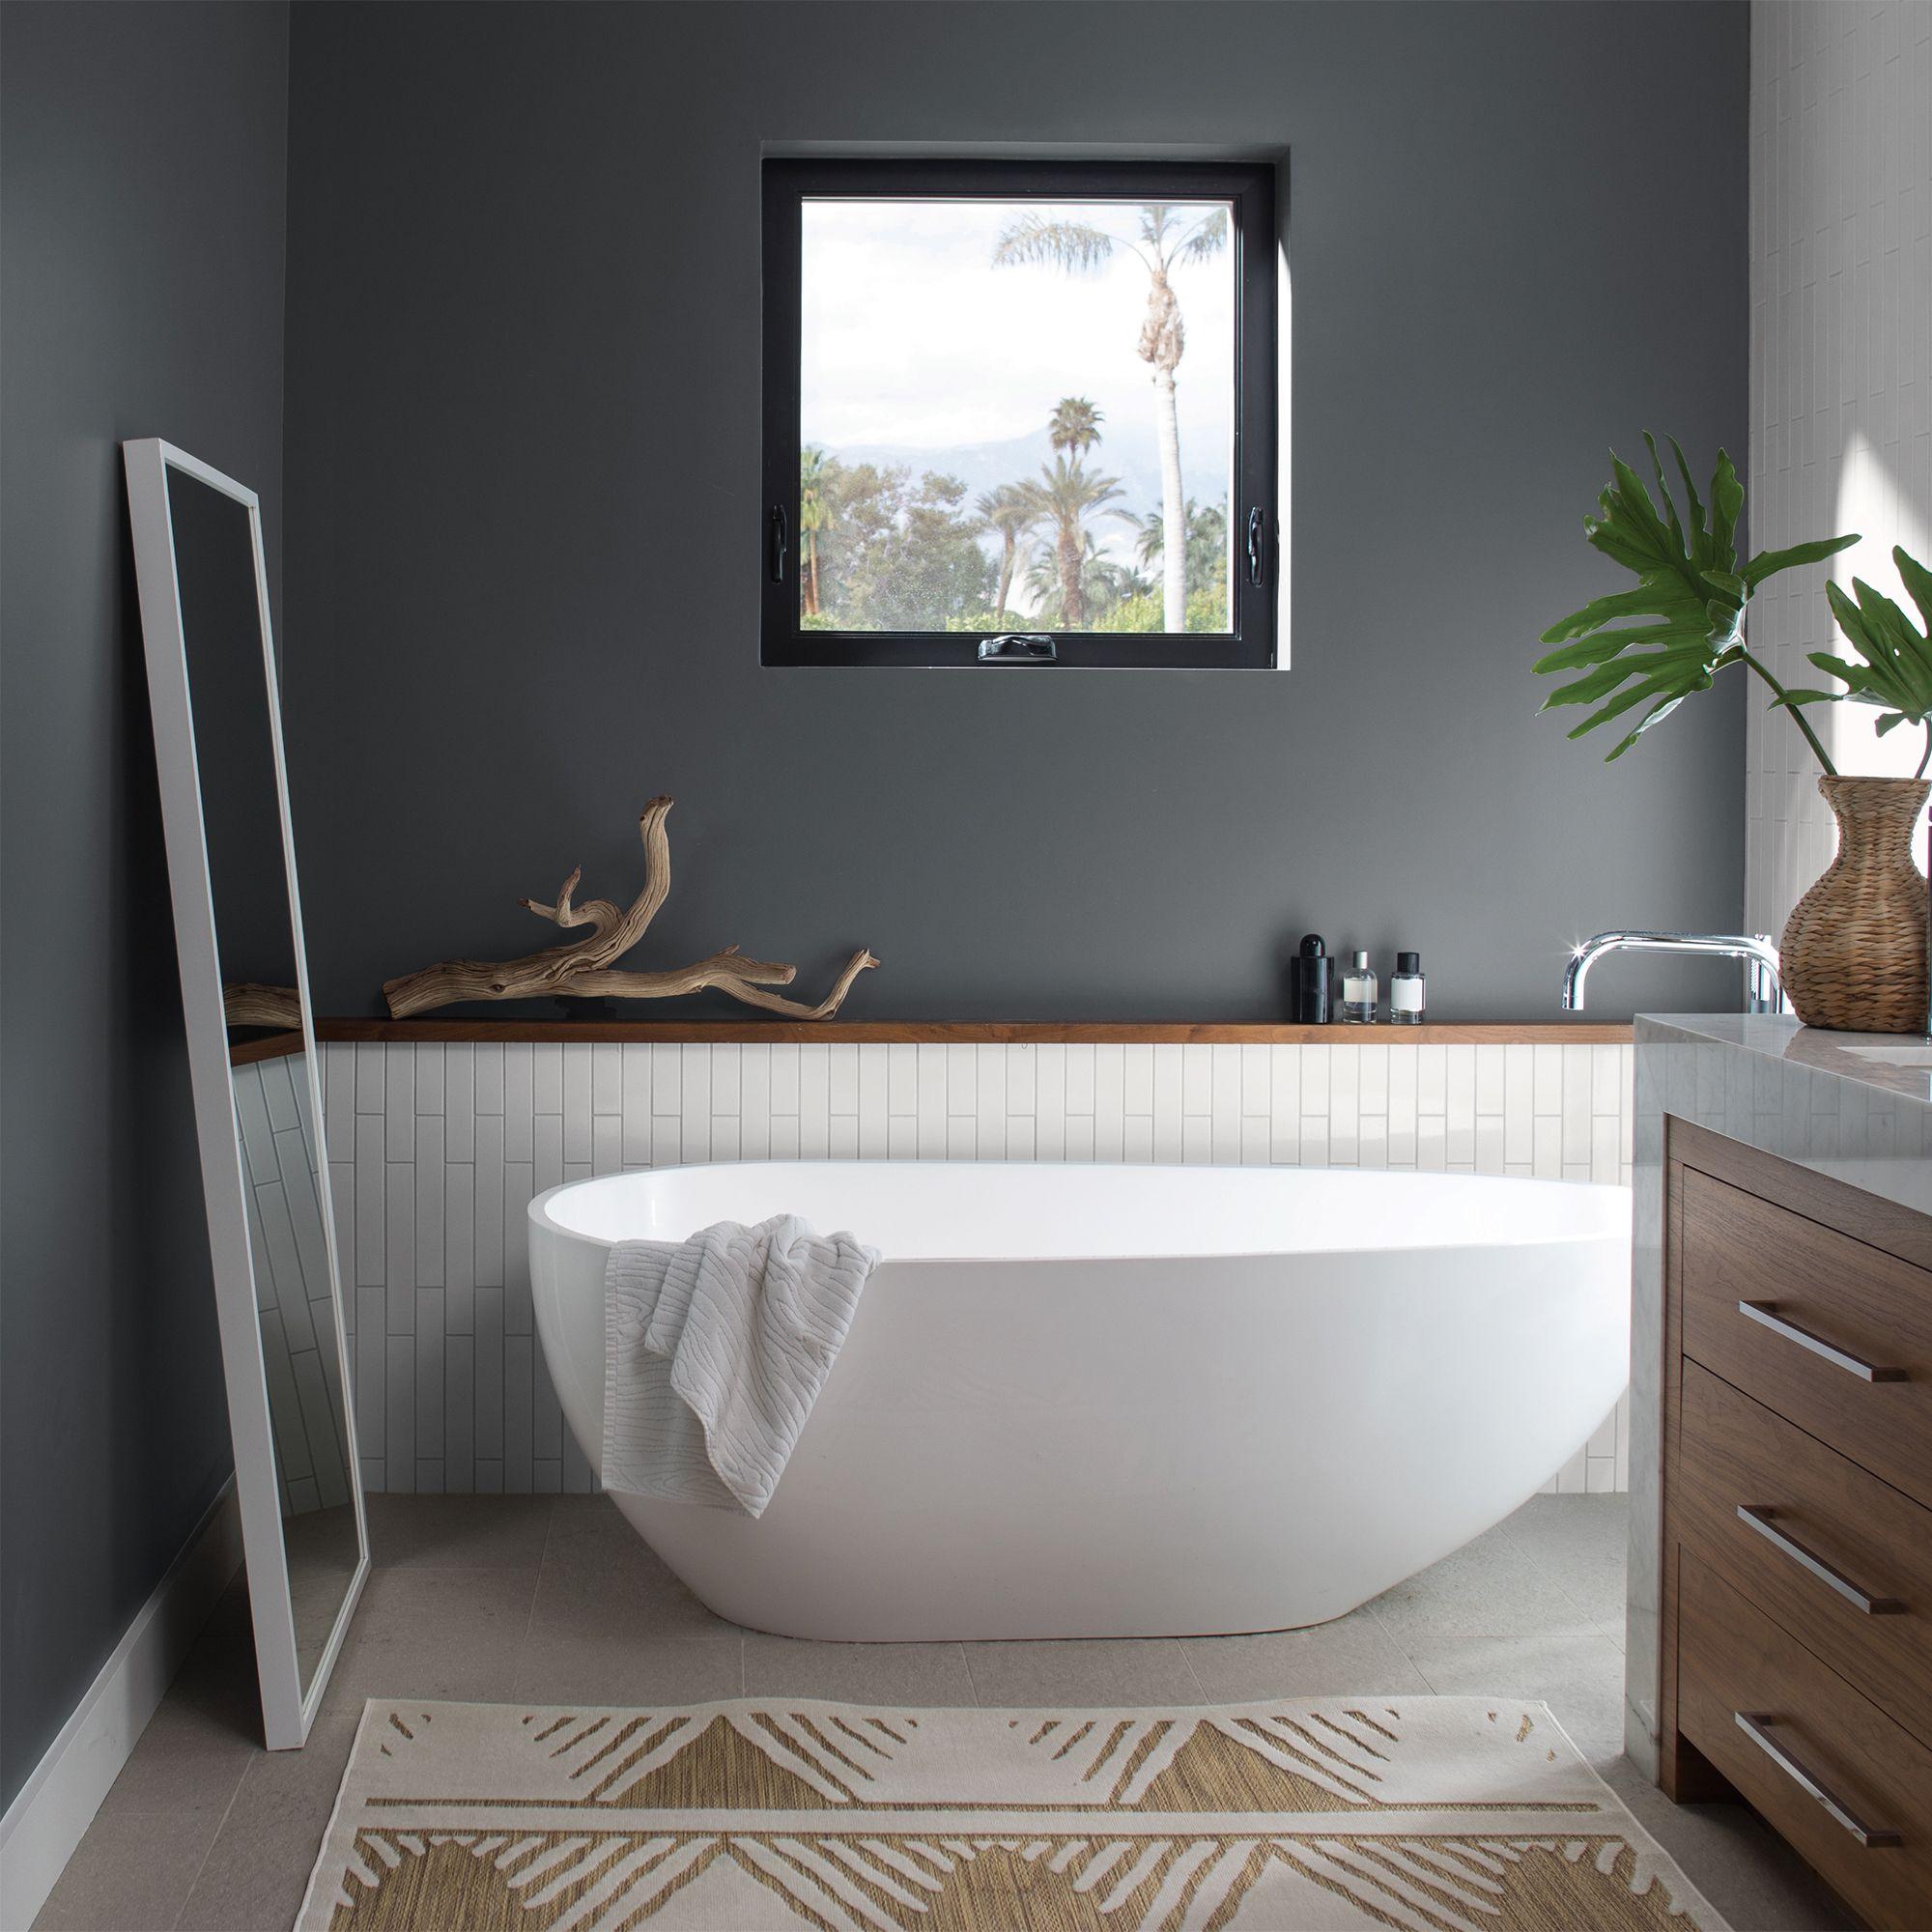 Dark Grey Bathroom with Soaking Tub